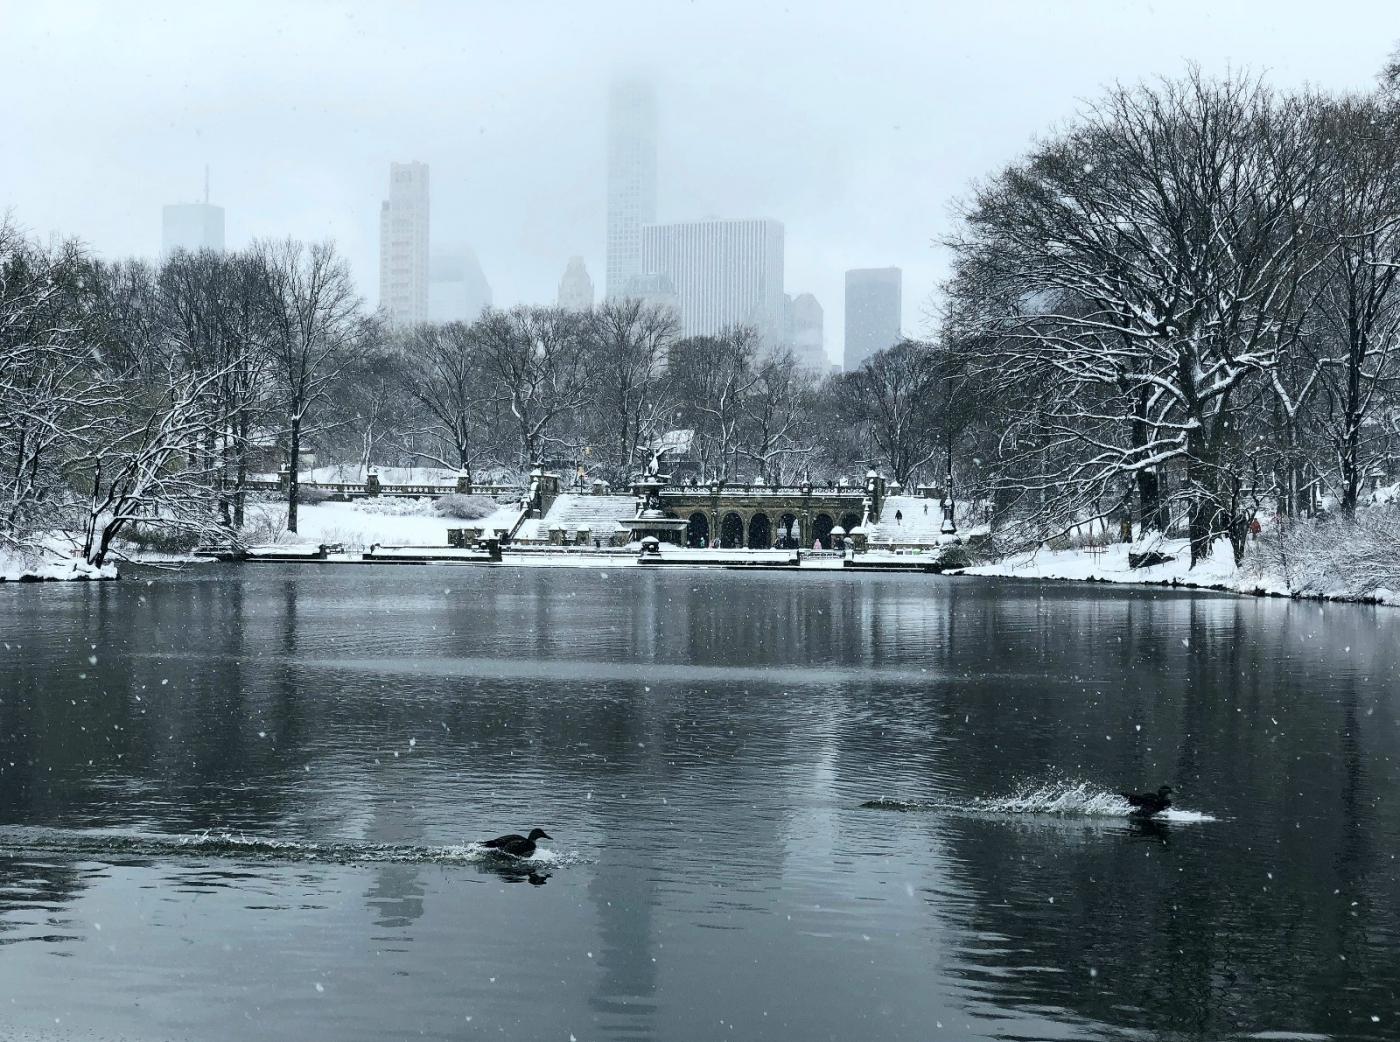 【田螺手机摄影】在纽约市拍雪景、还是中央公园最漂亮_图1-2